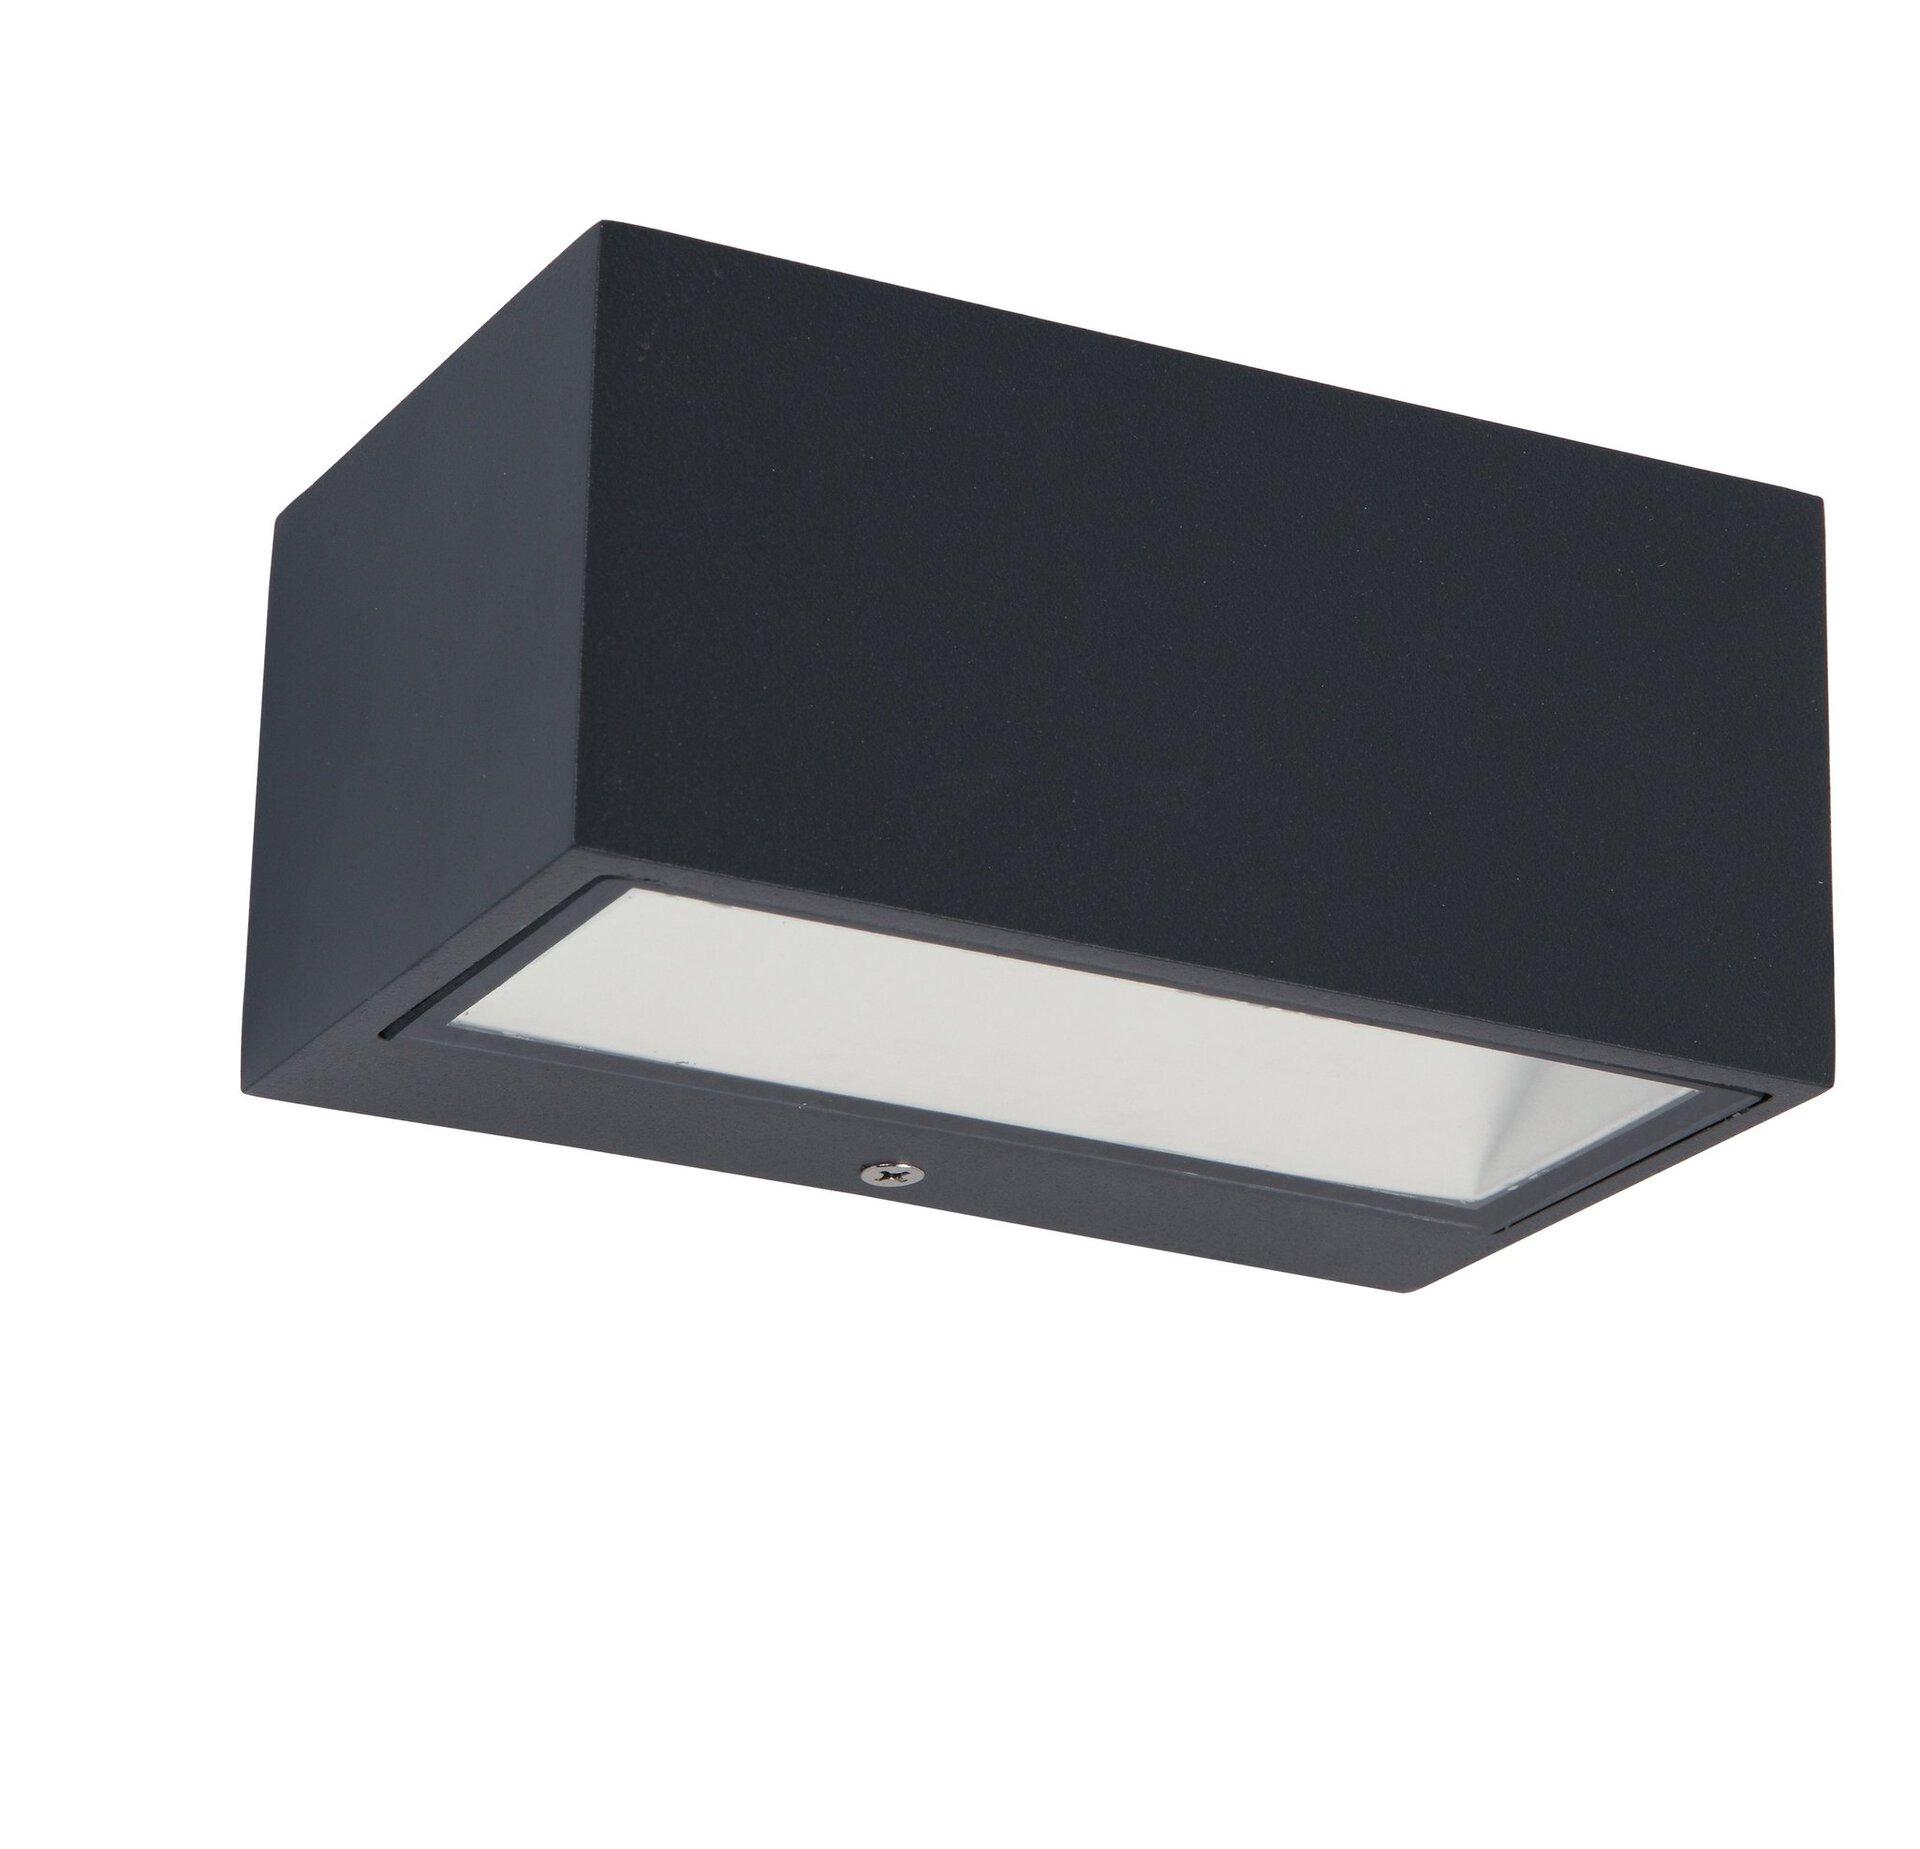 Wand-Aussenleuchte Gemini Eco-Light Metall 7 x 9 x 14 cm